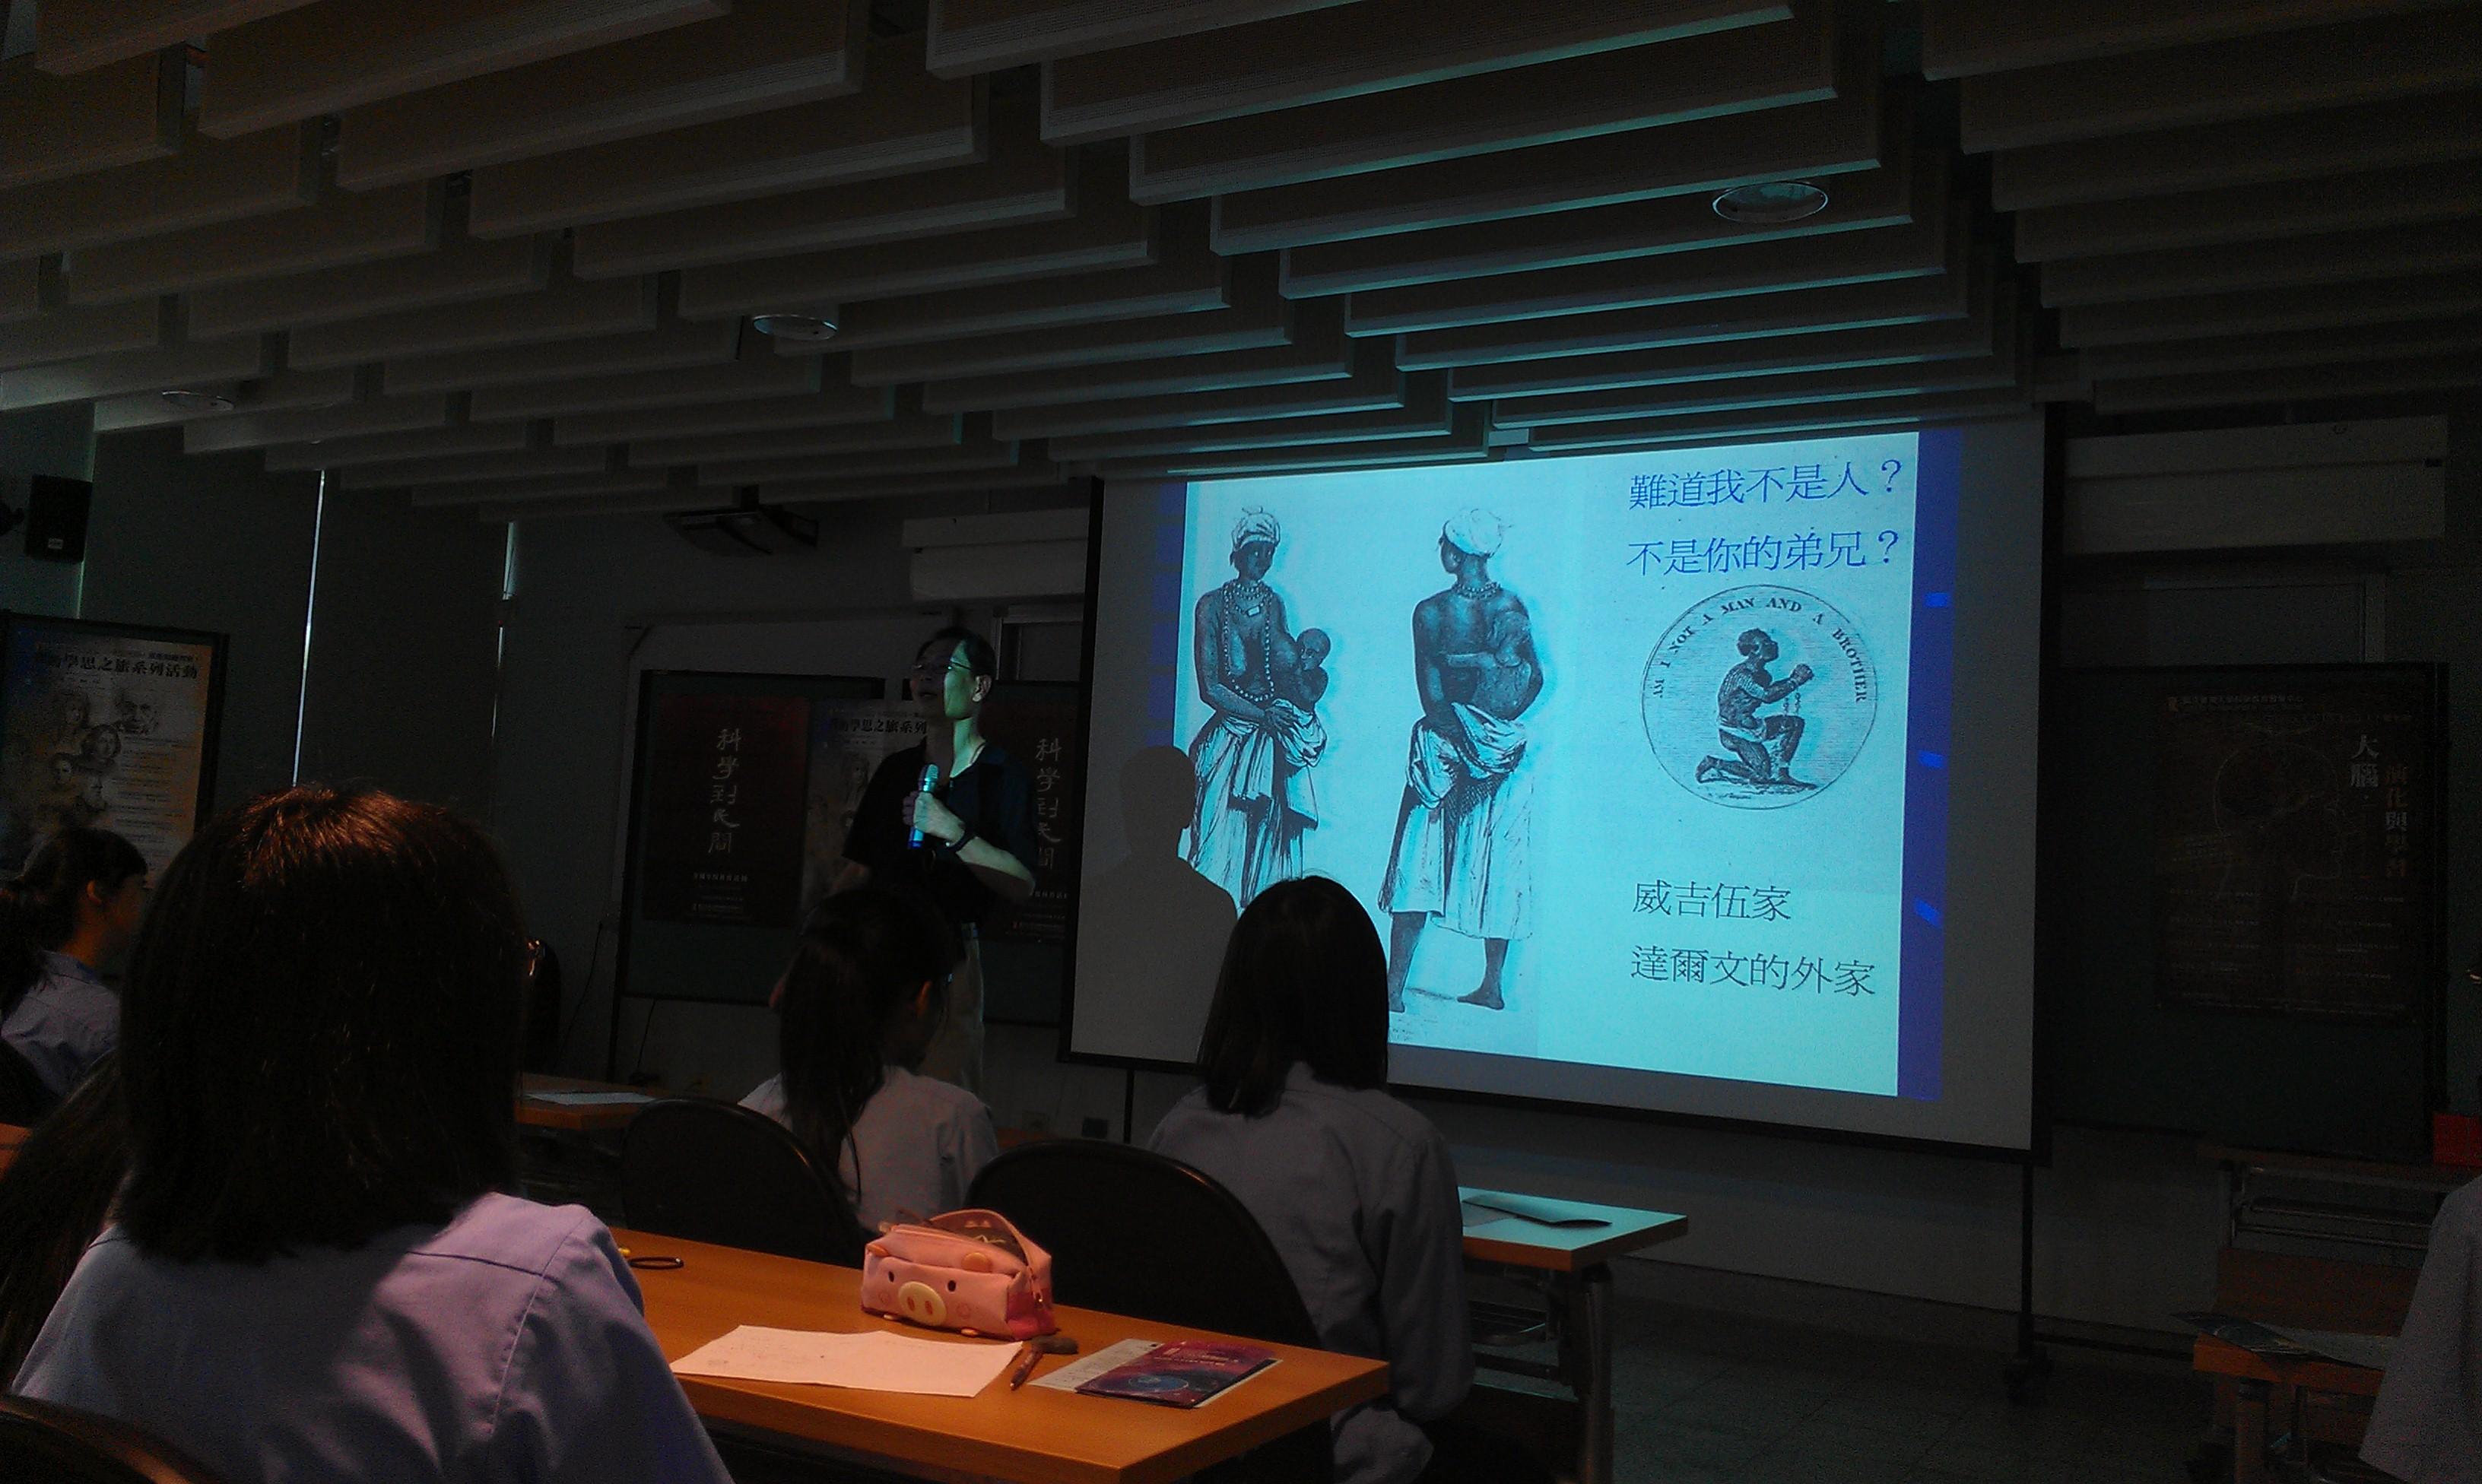 王老師介紹達爾文在小獵犬號上看到的世界奇妙見聞,引發了後來他思考人類始源的靈感。